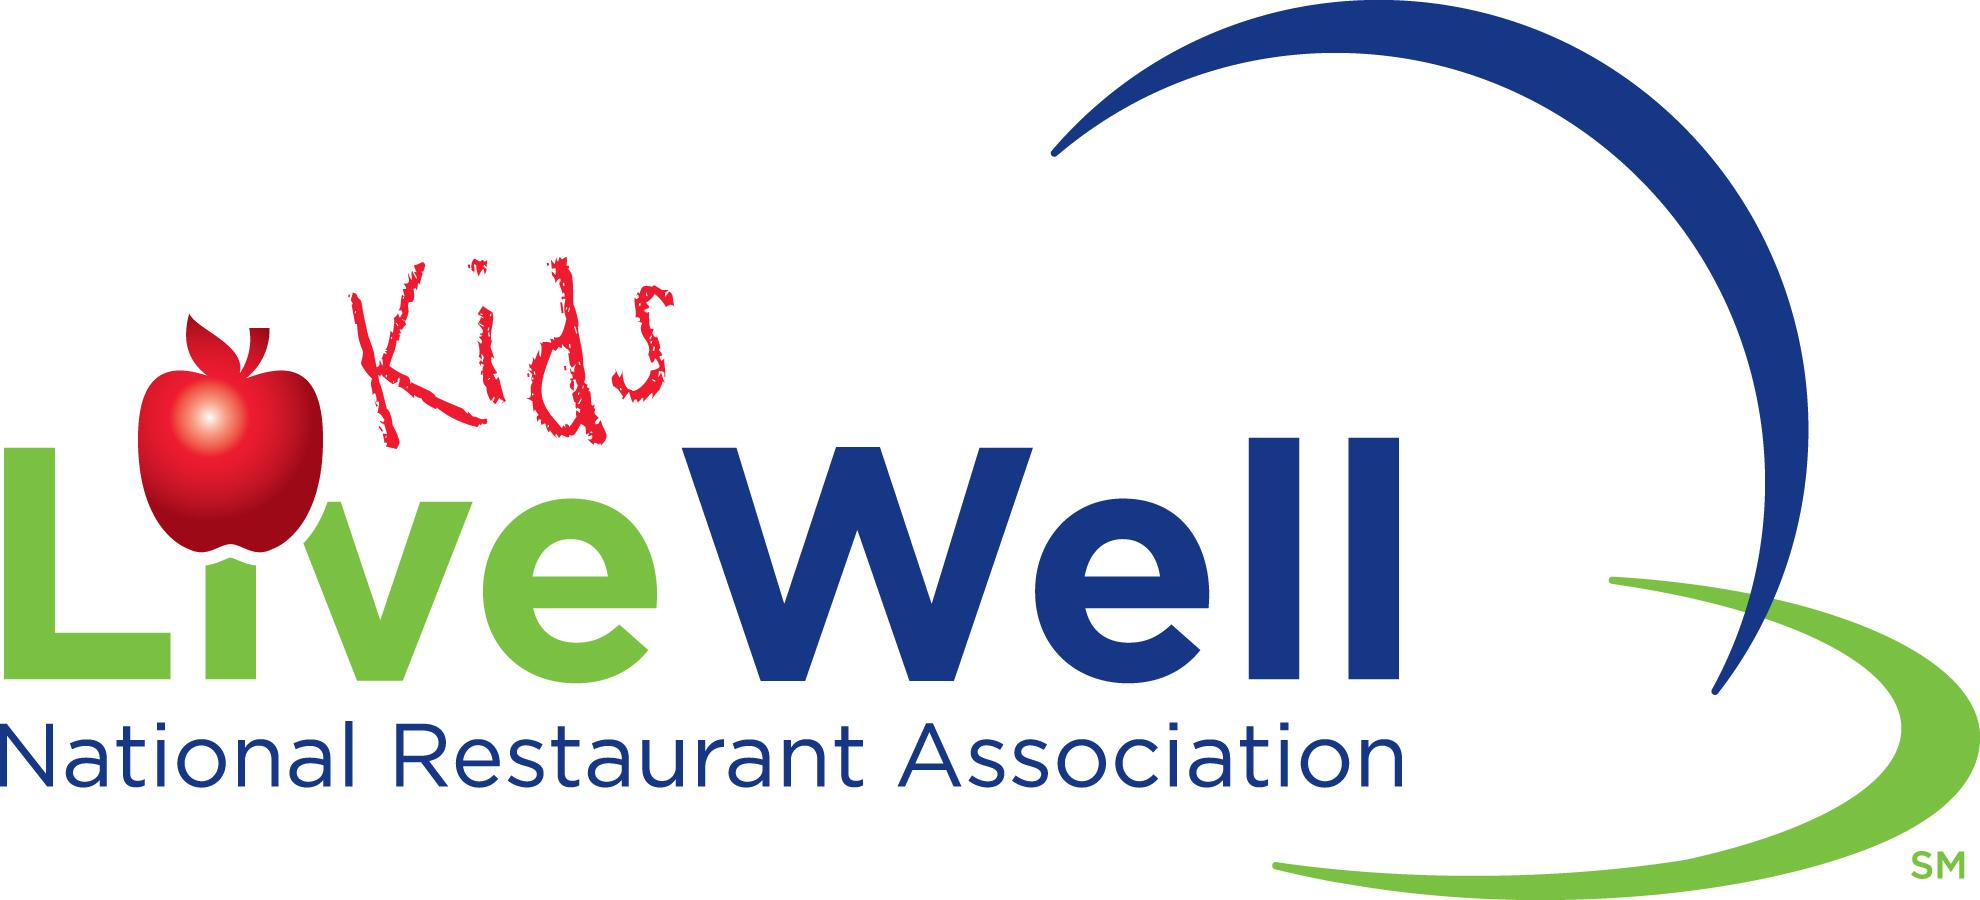 KidsLiveWell National Restaurant Association logo